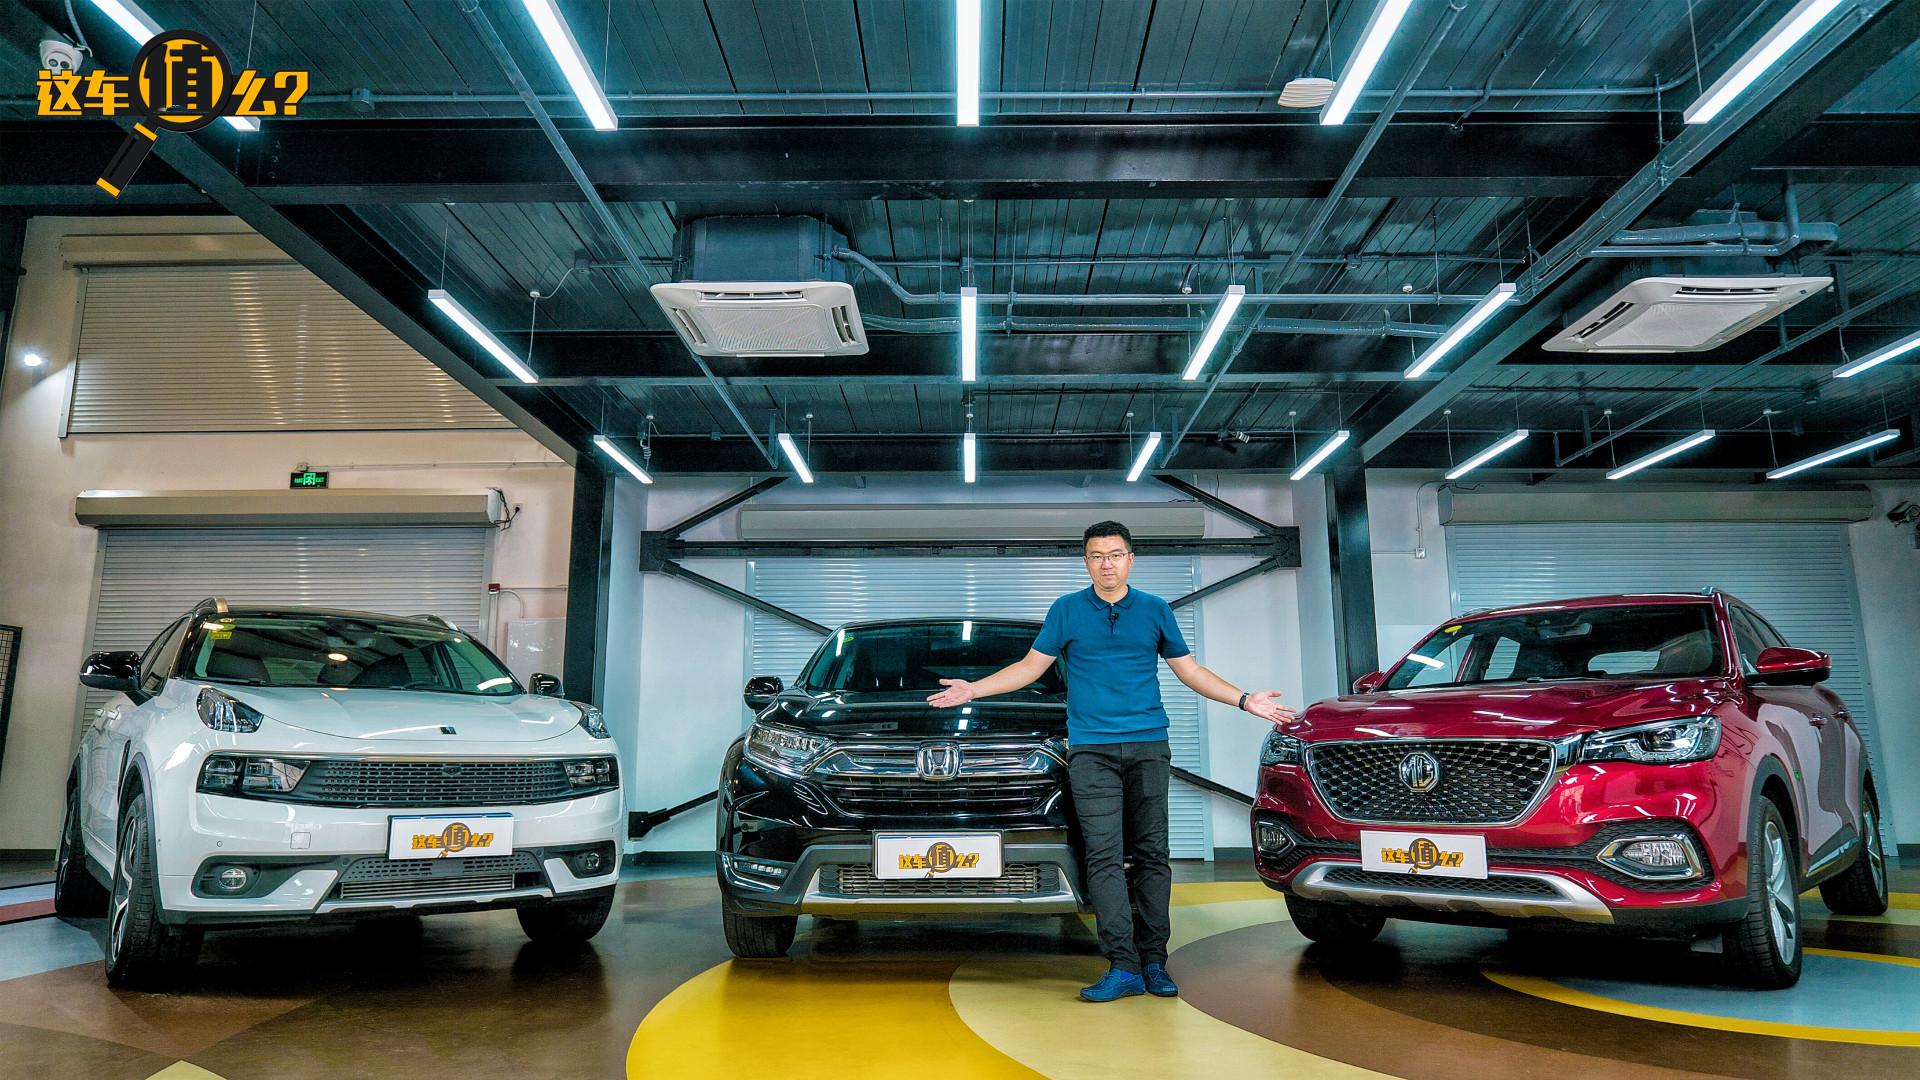 十年前,如果预算20万购车,合资品牌的车型可能是大部分人的选择